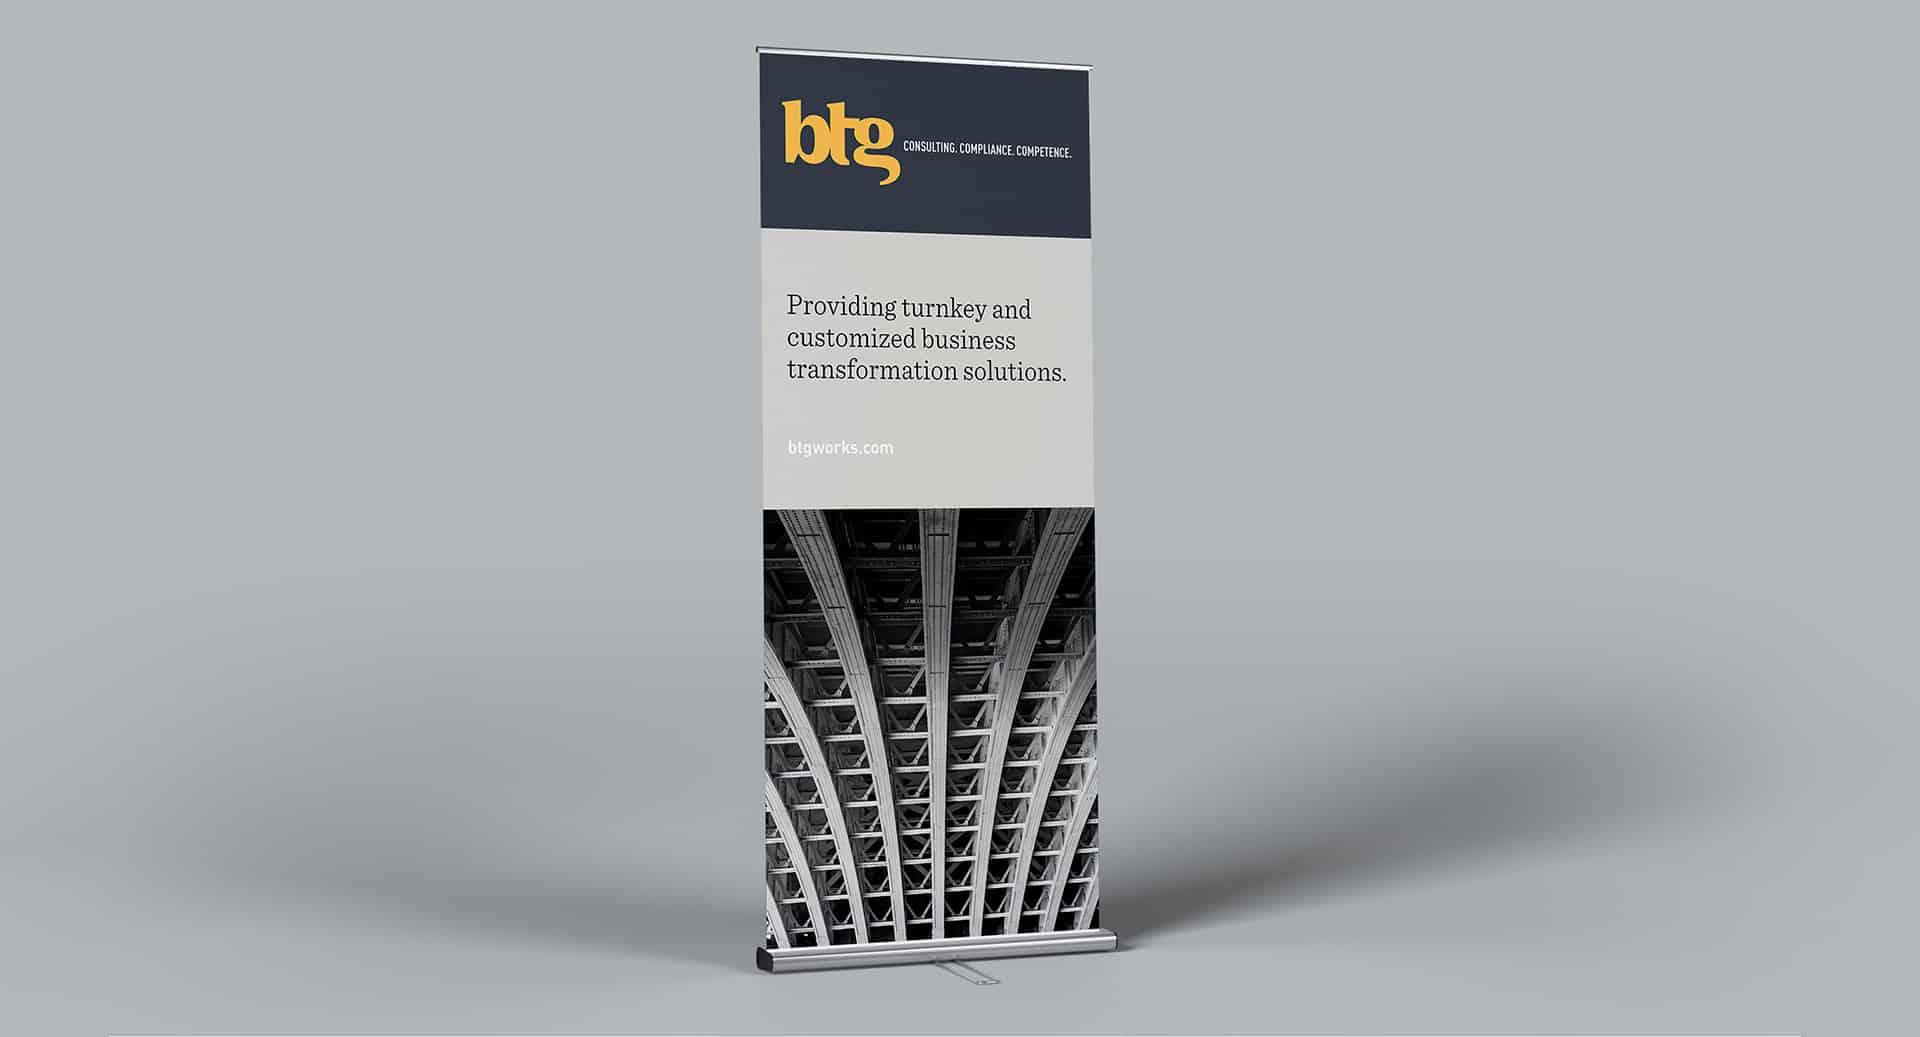 btg-banner-halfwidth